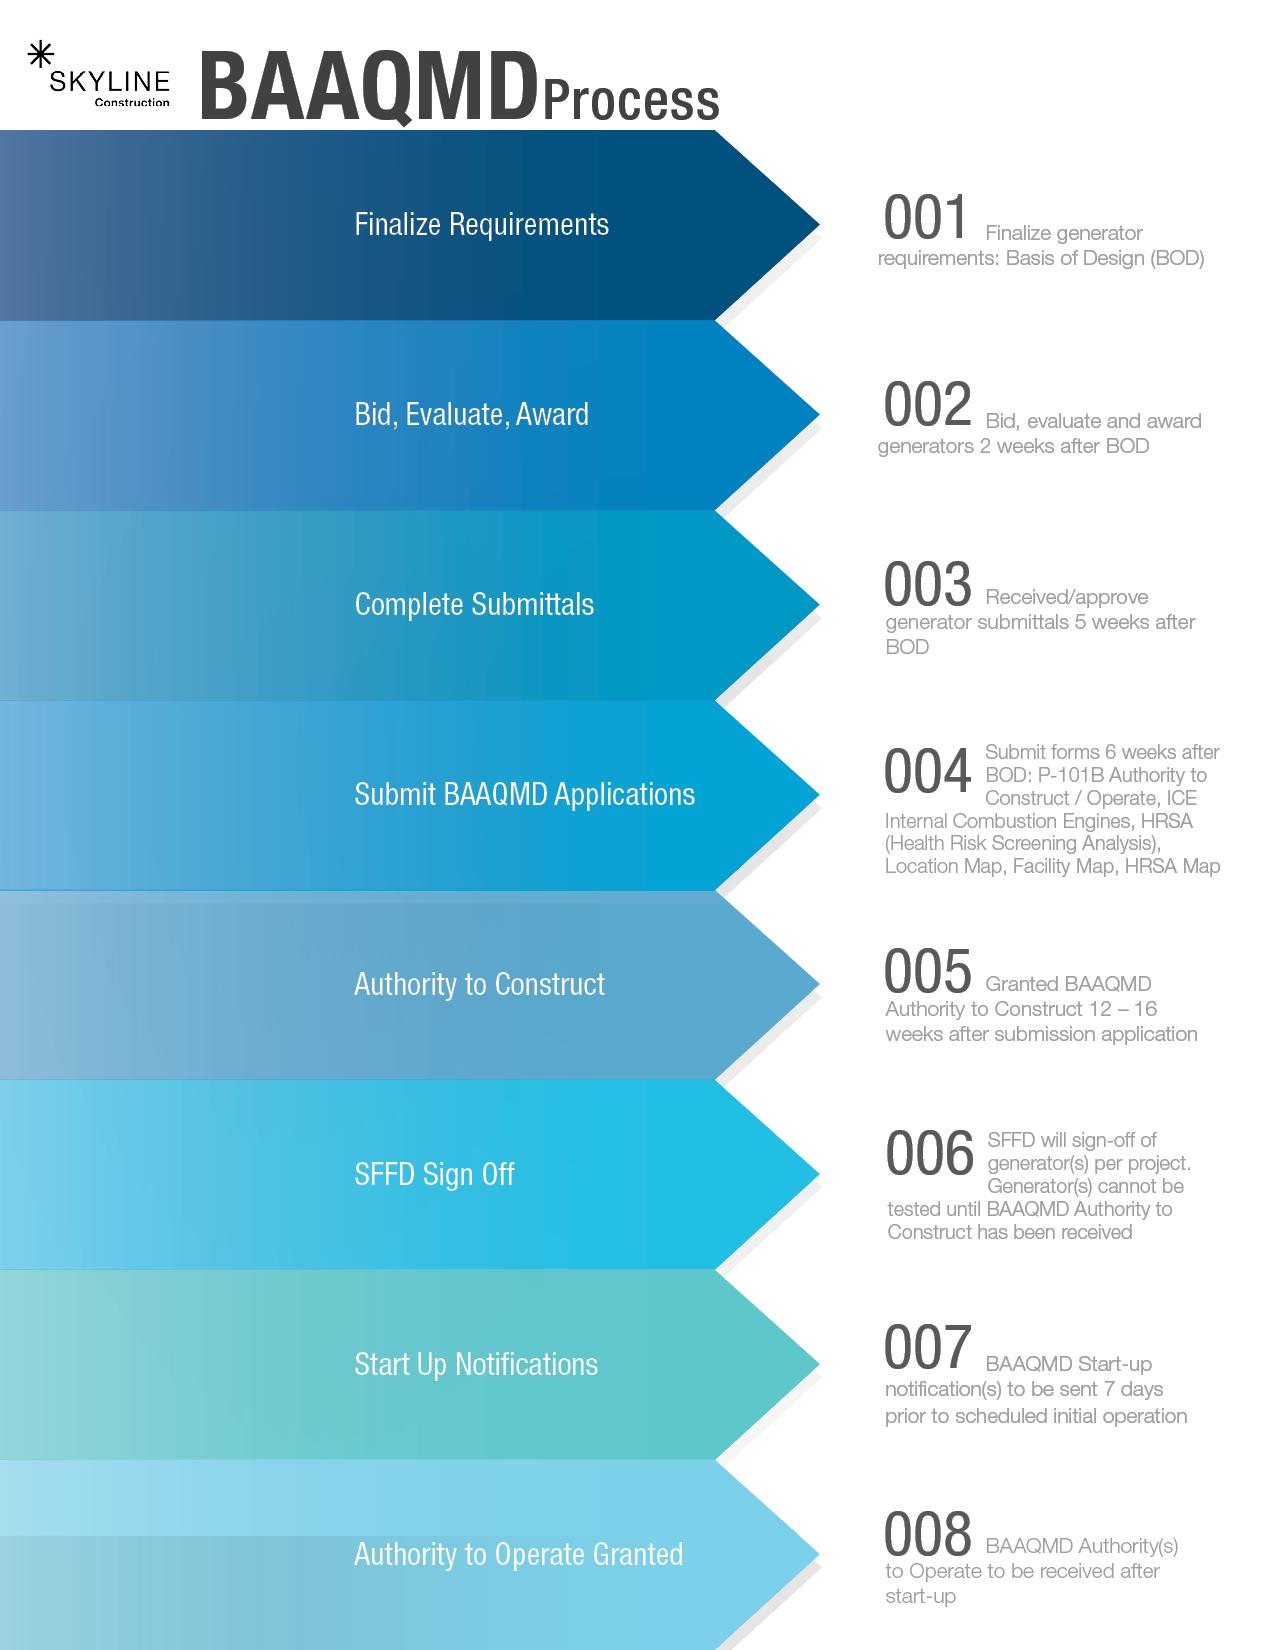 BAAQMD Process.jpg